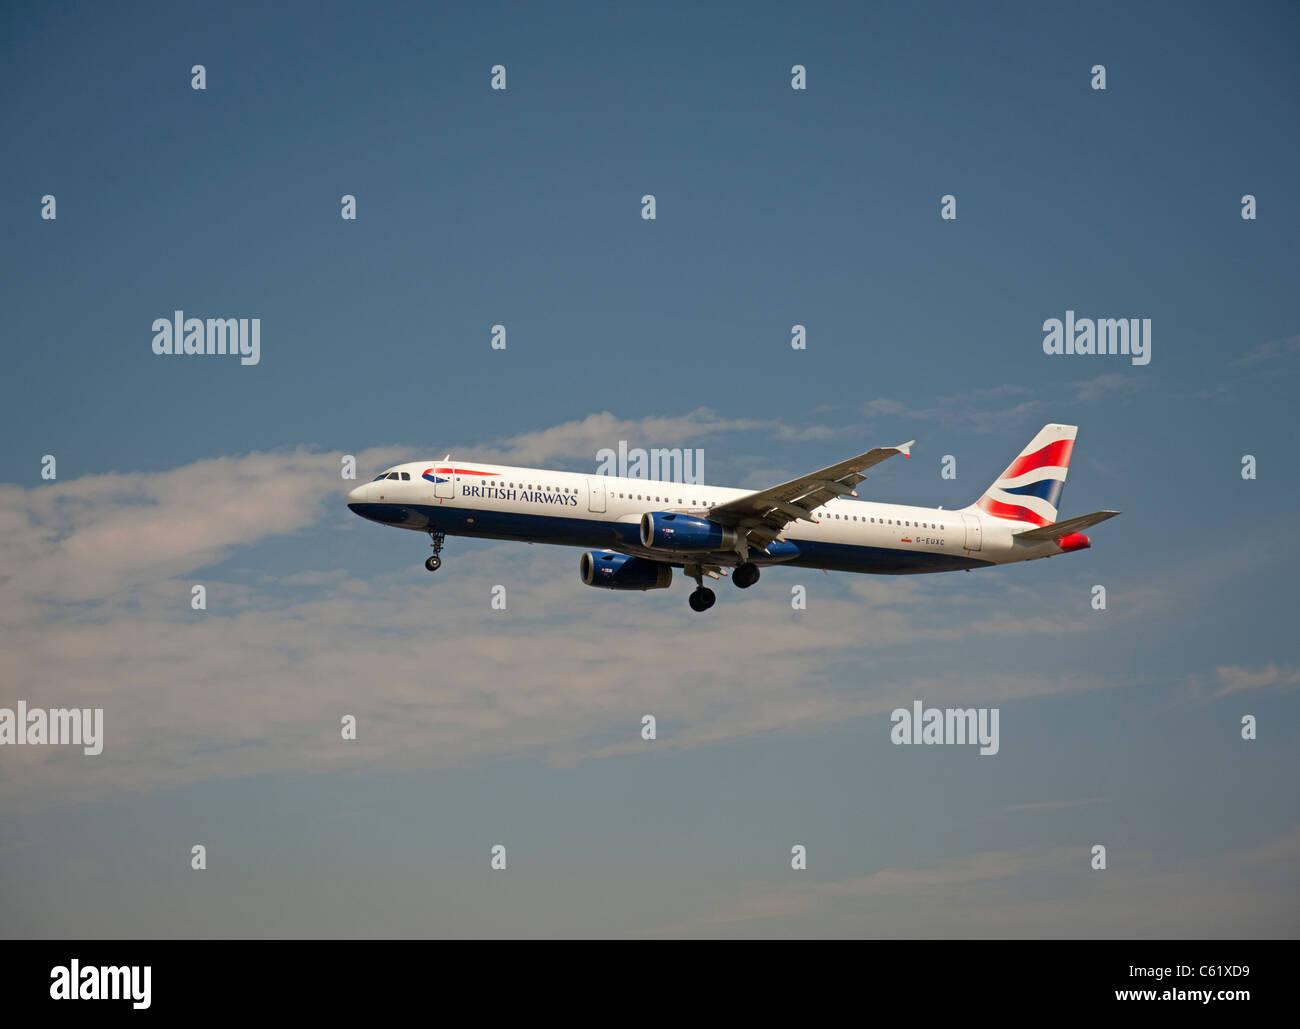 British Airways Airbus A321-231 Airliner  SCO 7554 Stock Photo